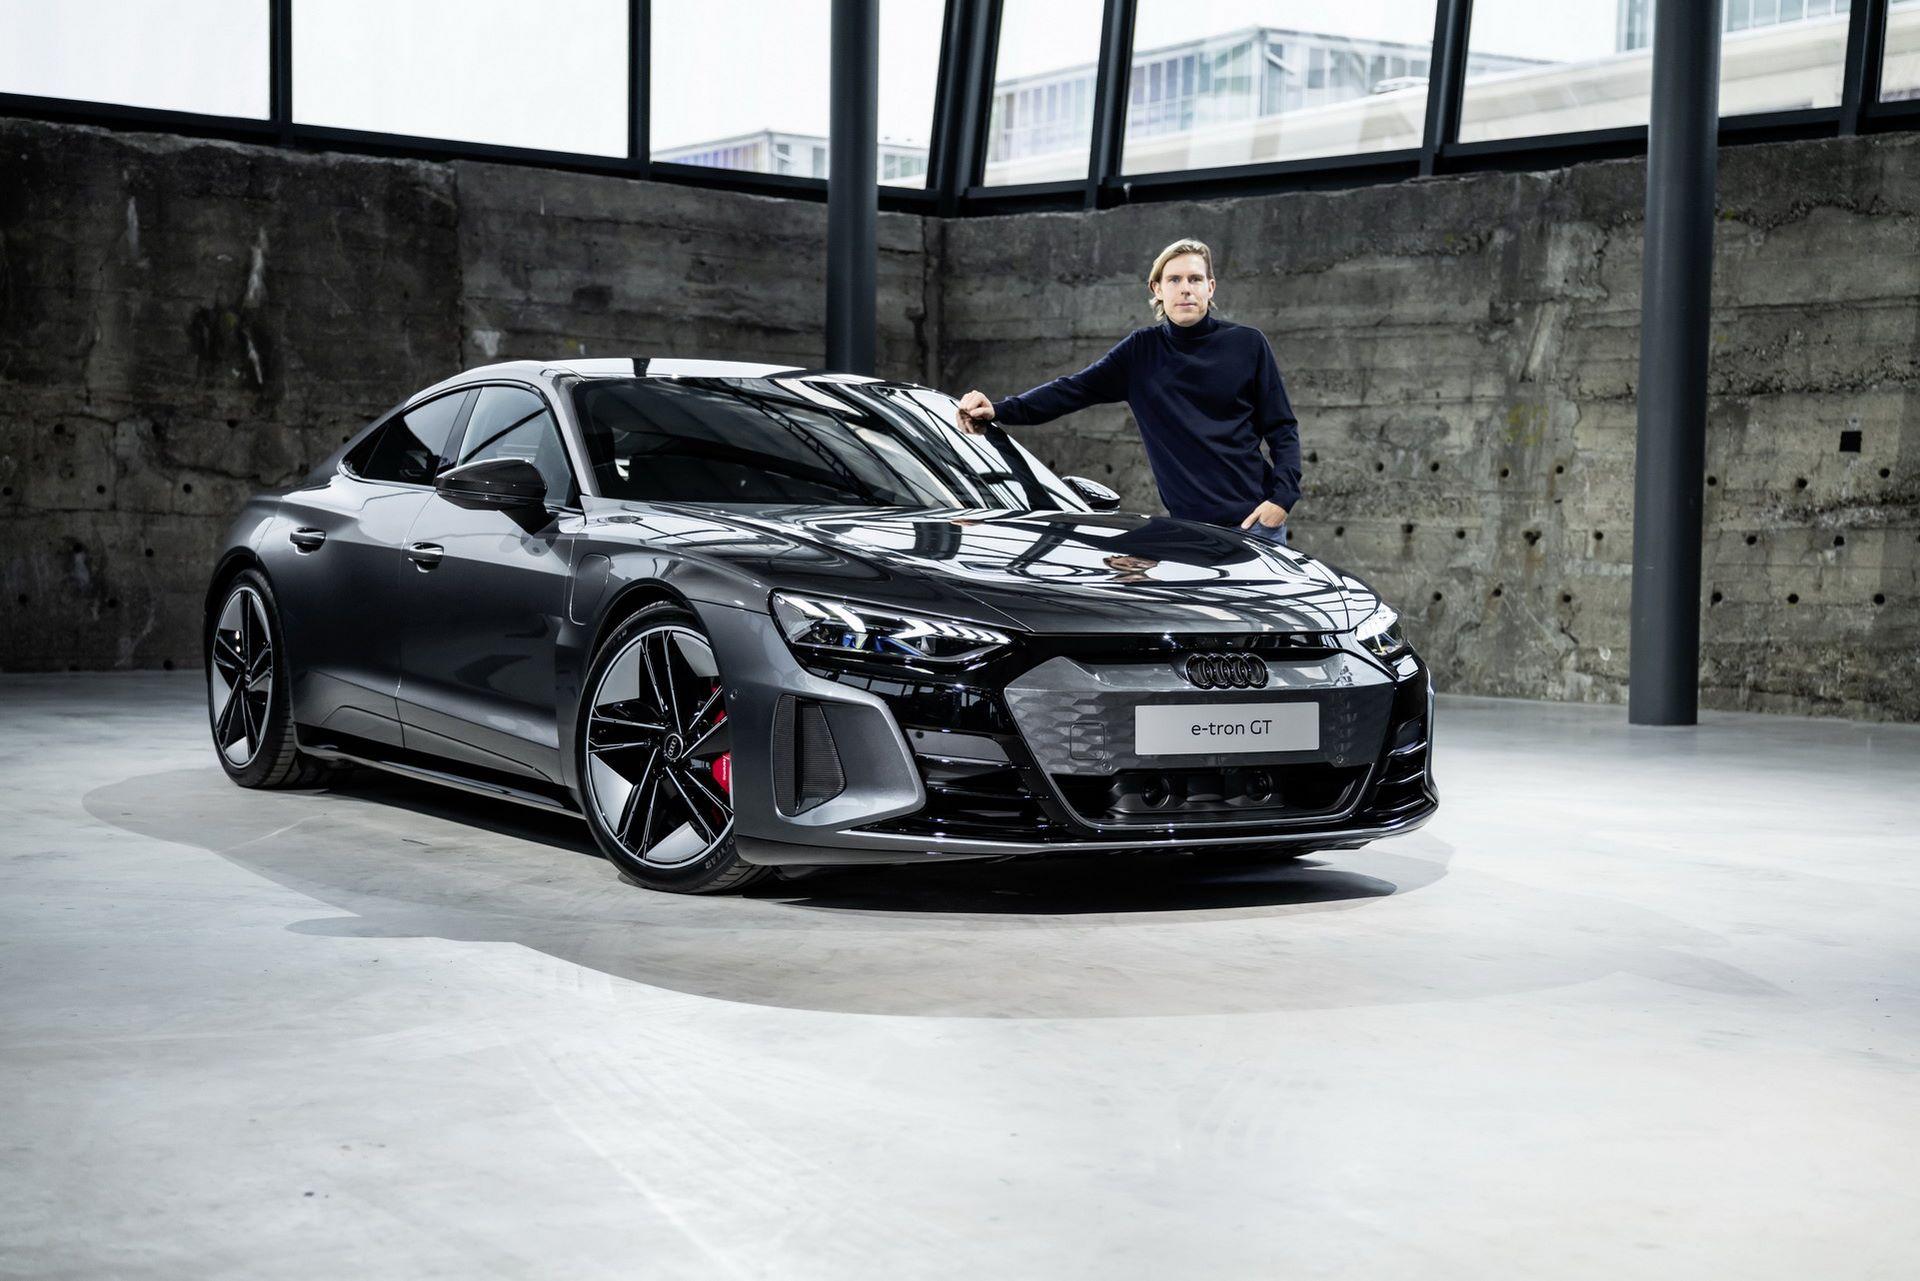 2022-Audi-e-tron-GT-35